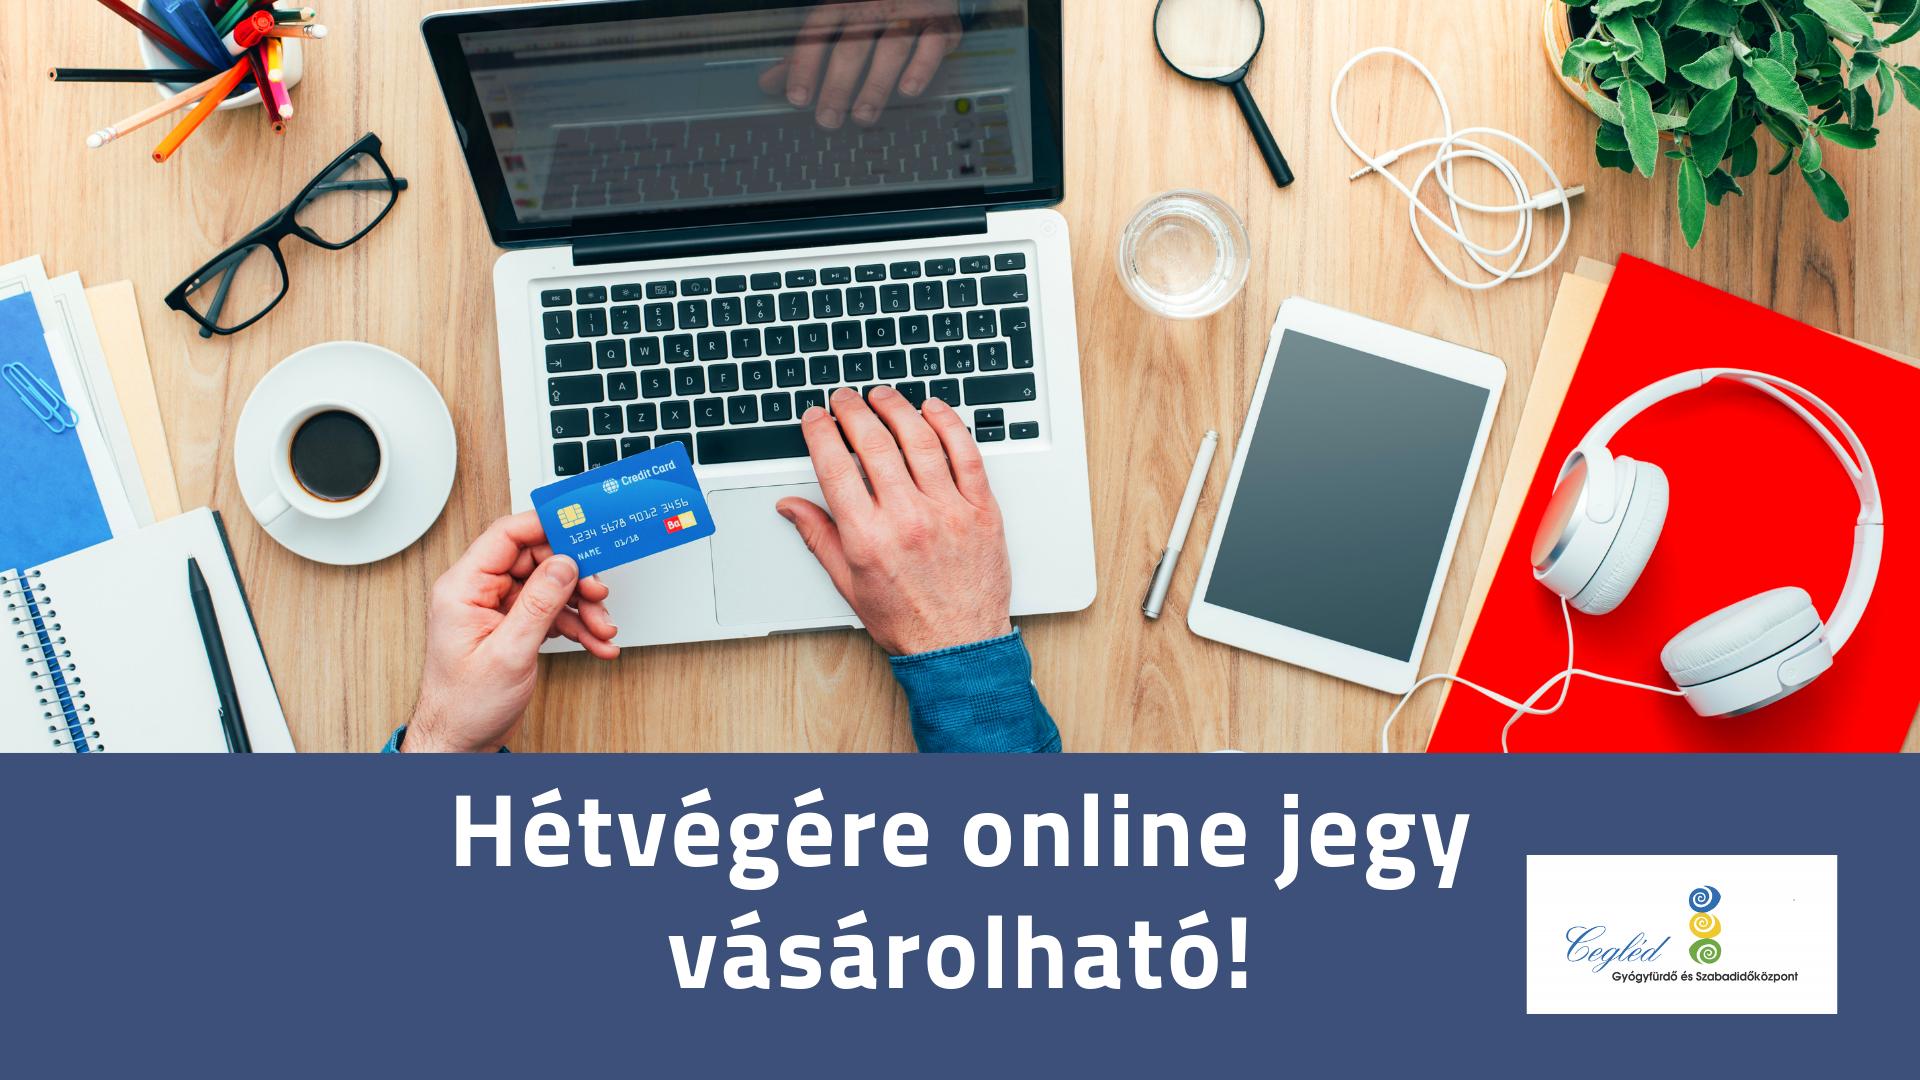 Online jegyvásárlás információk